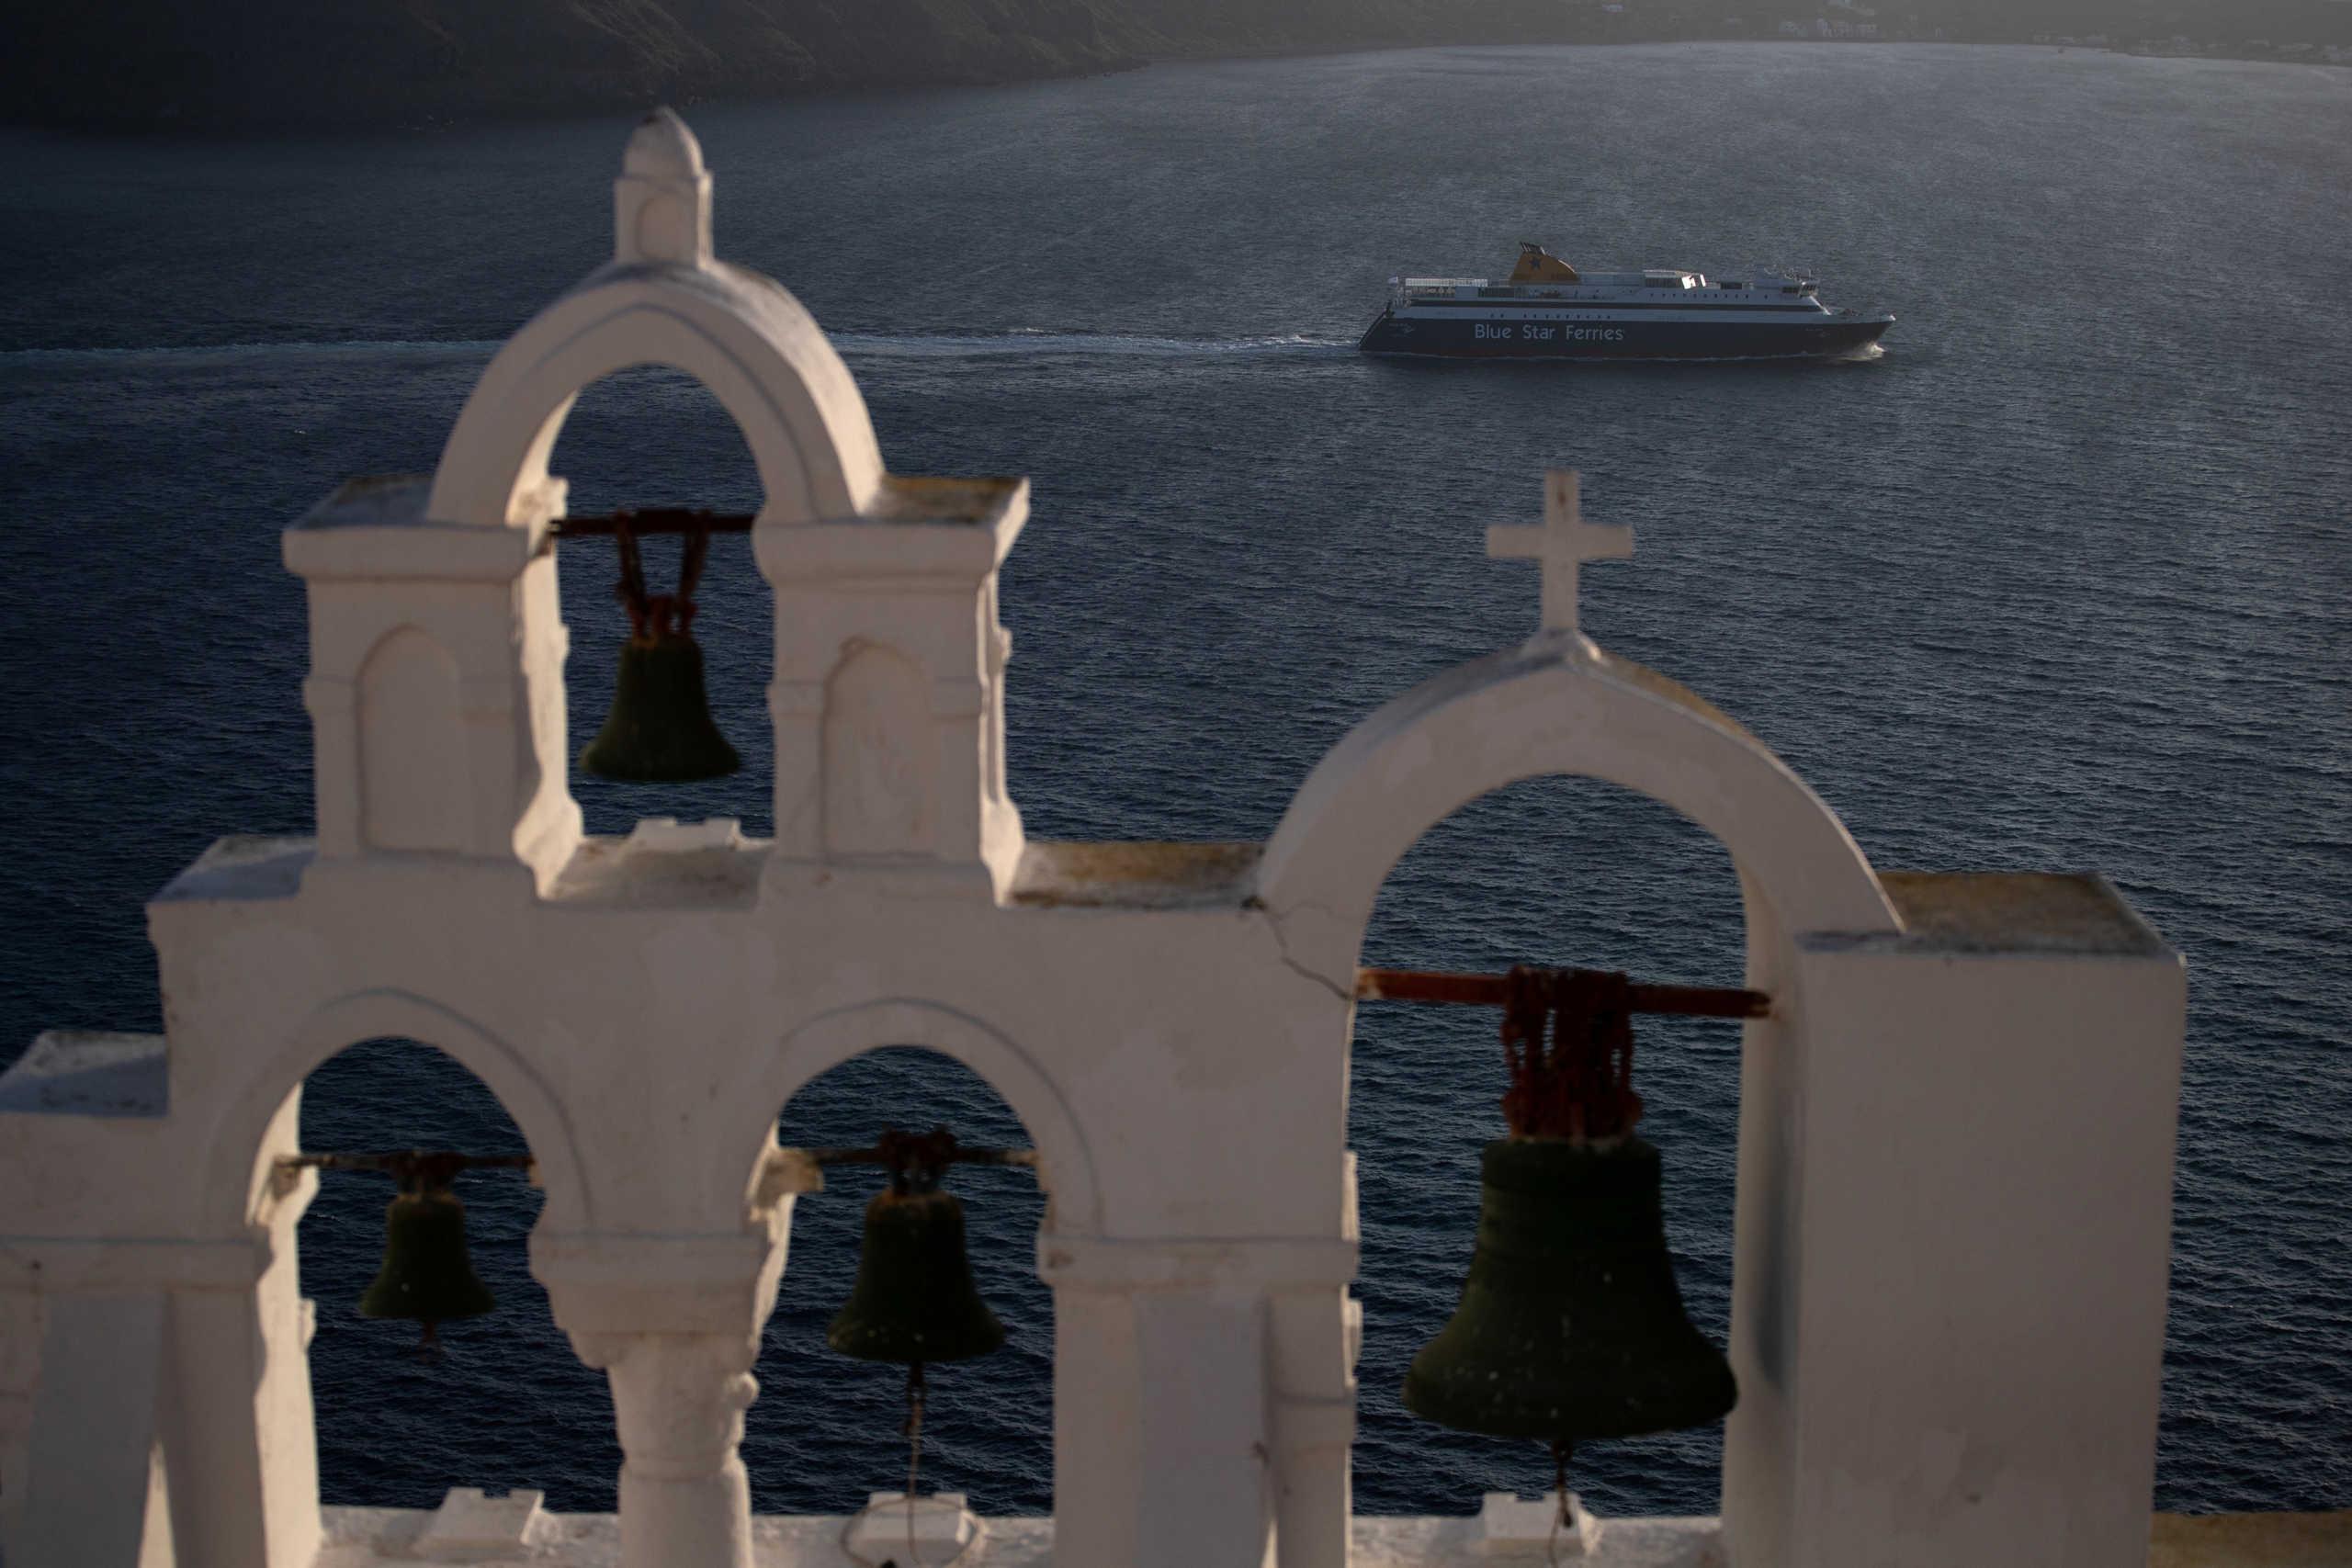 Ελλάδα: Ιδανικός προορισμός για γαμήλια ταξίδια Σουηδών και Φινλανδών